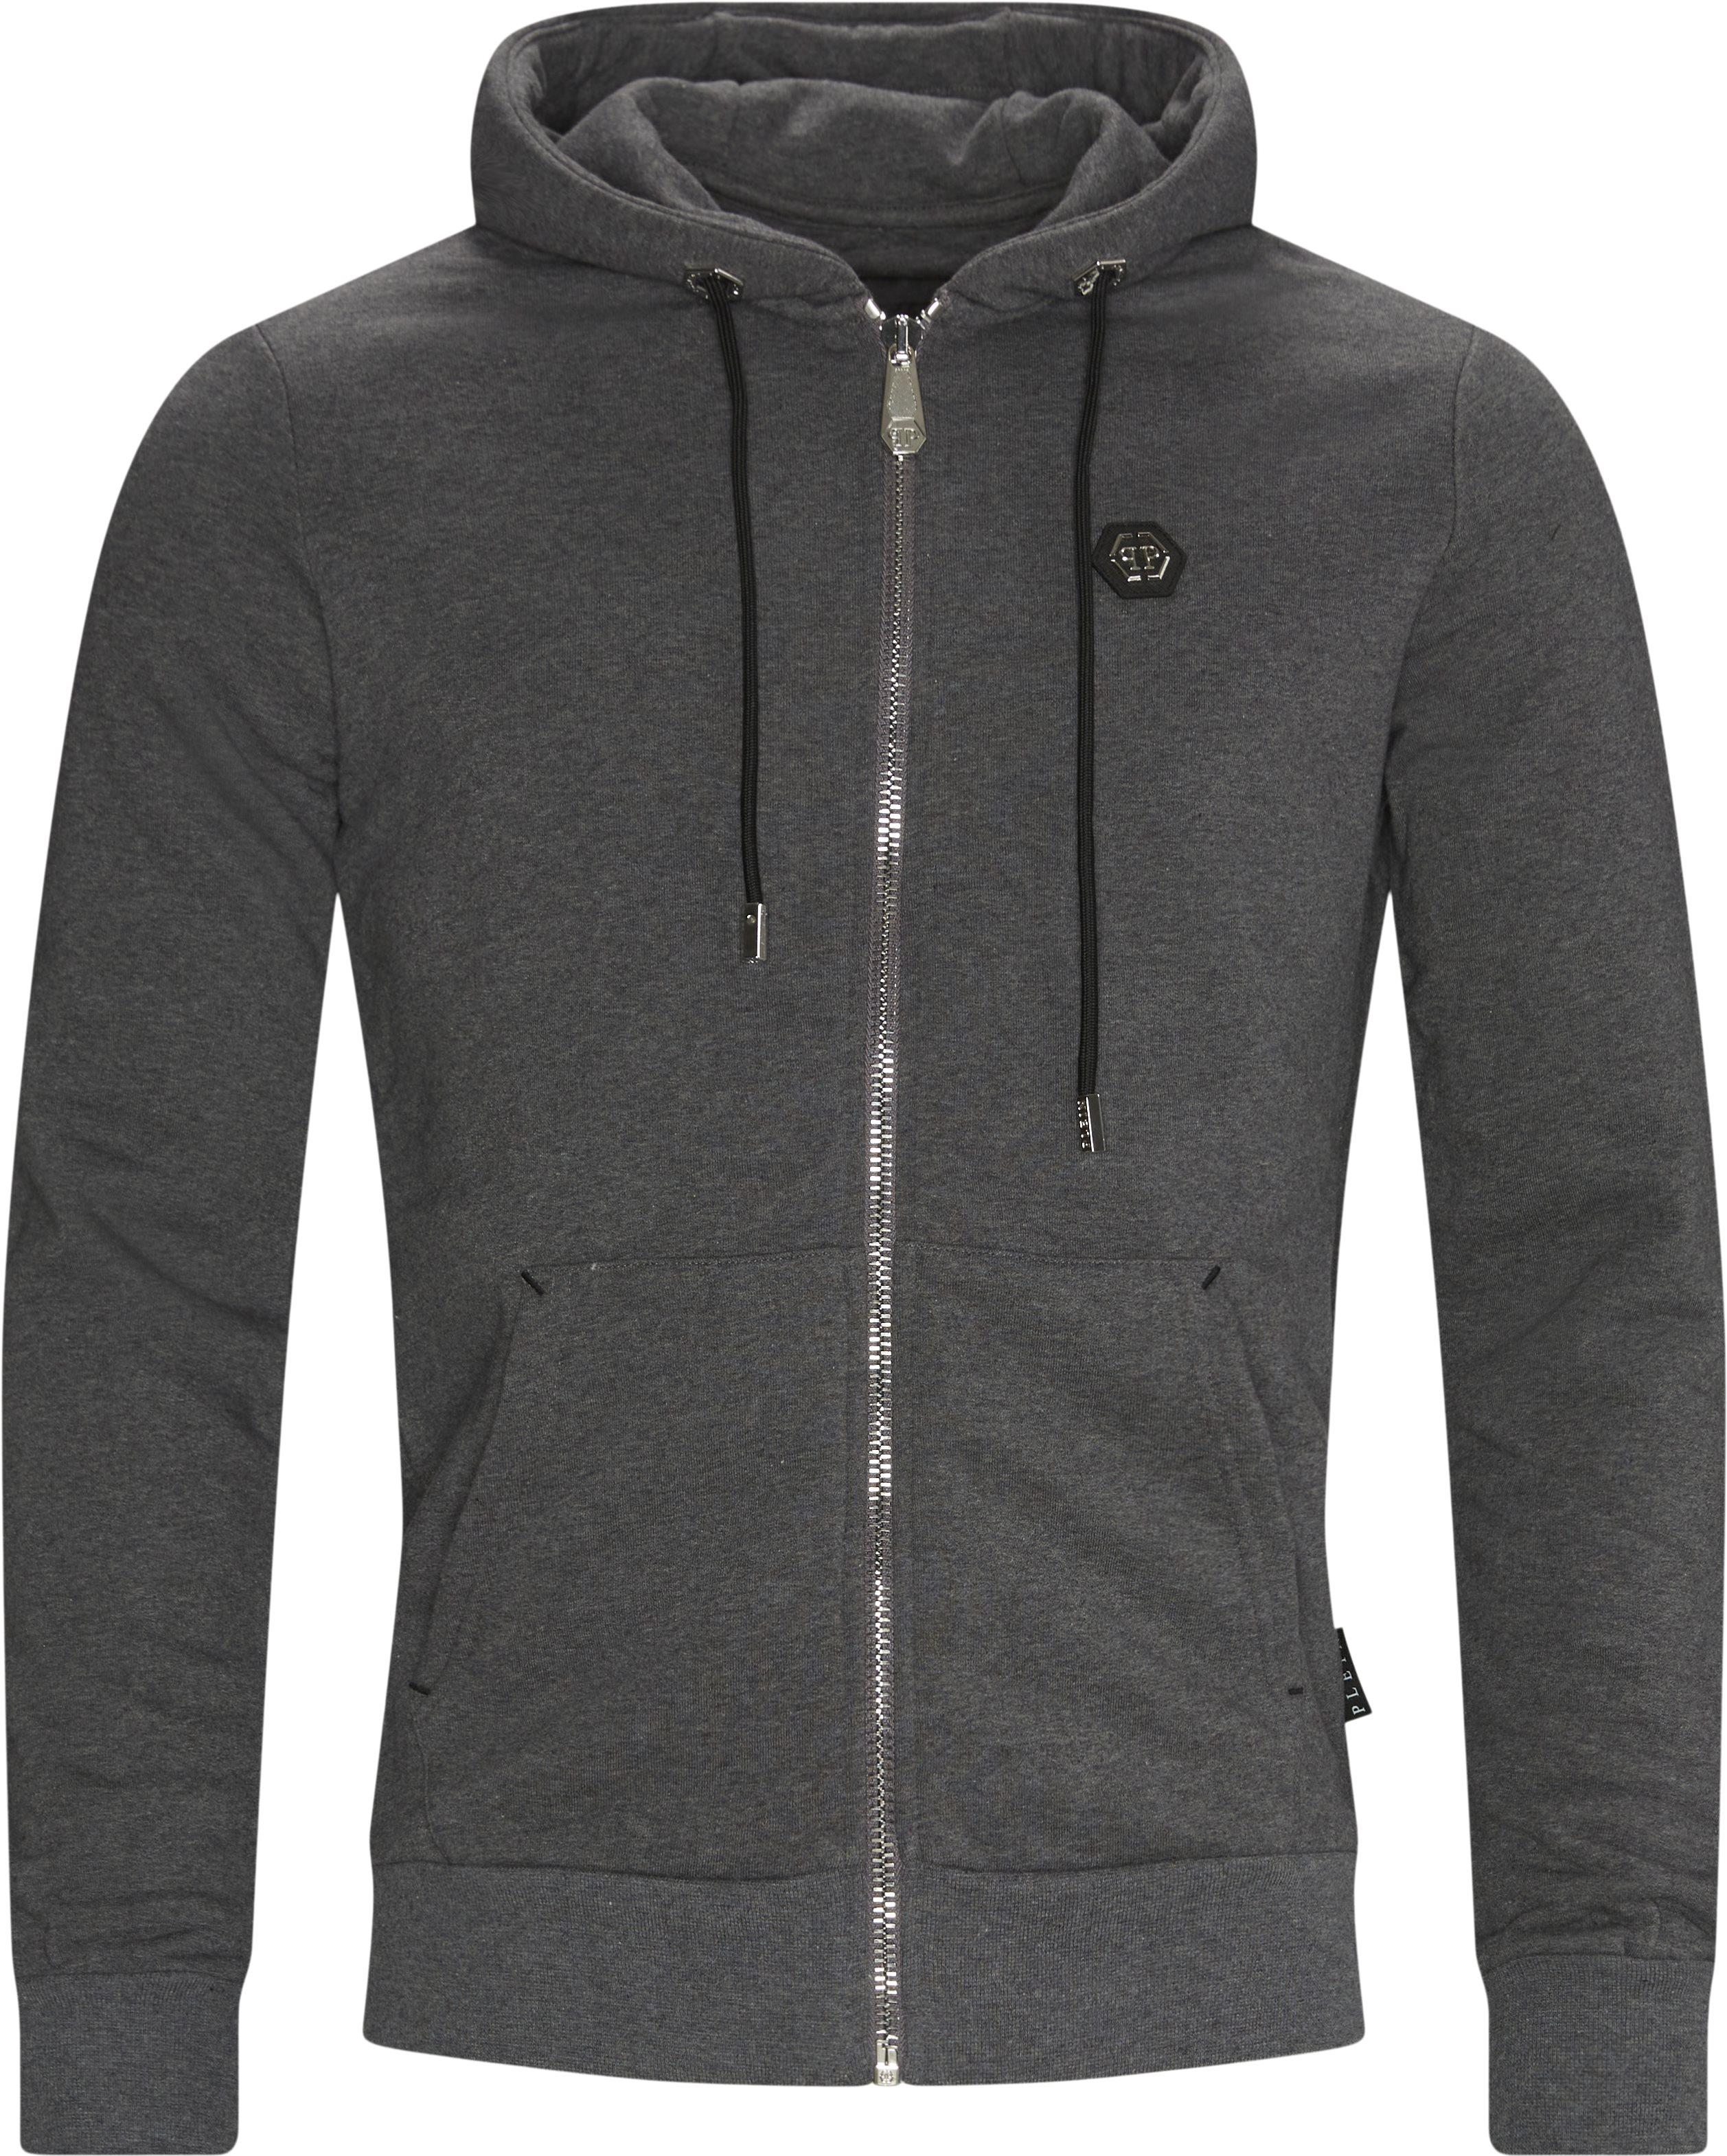 Hoodie Sweat Jacket - Sweatshirts - Loose fit - Grå